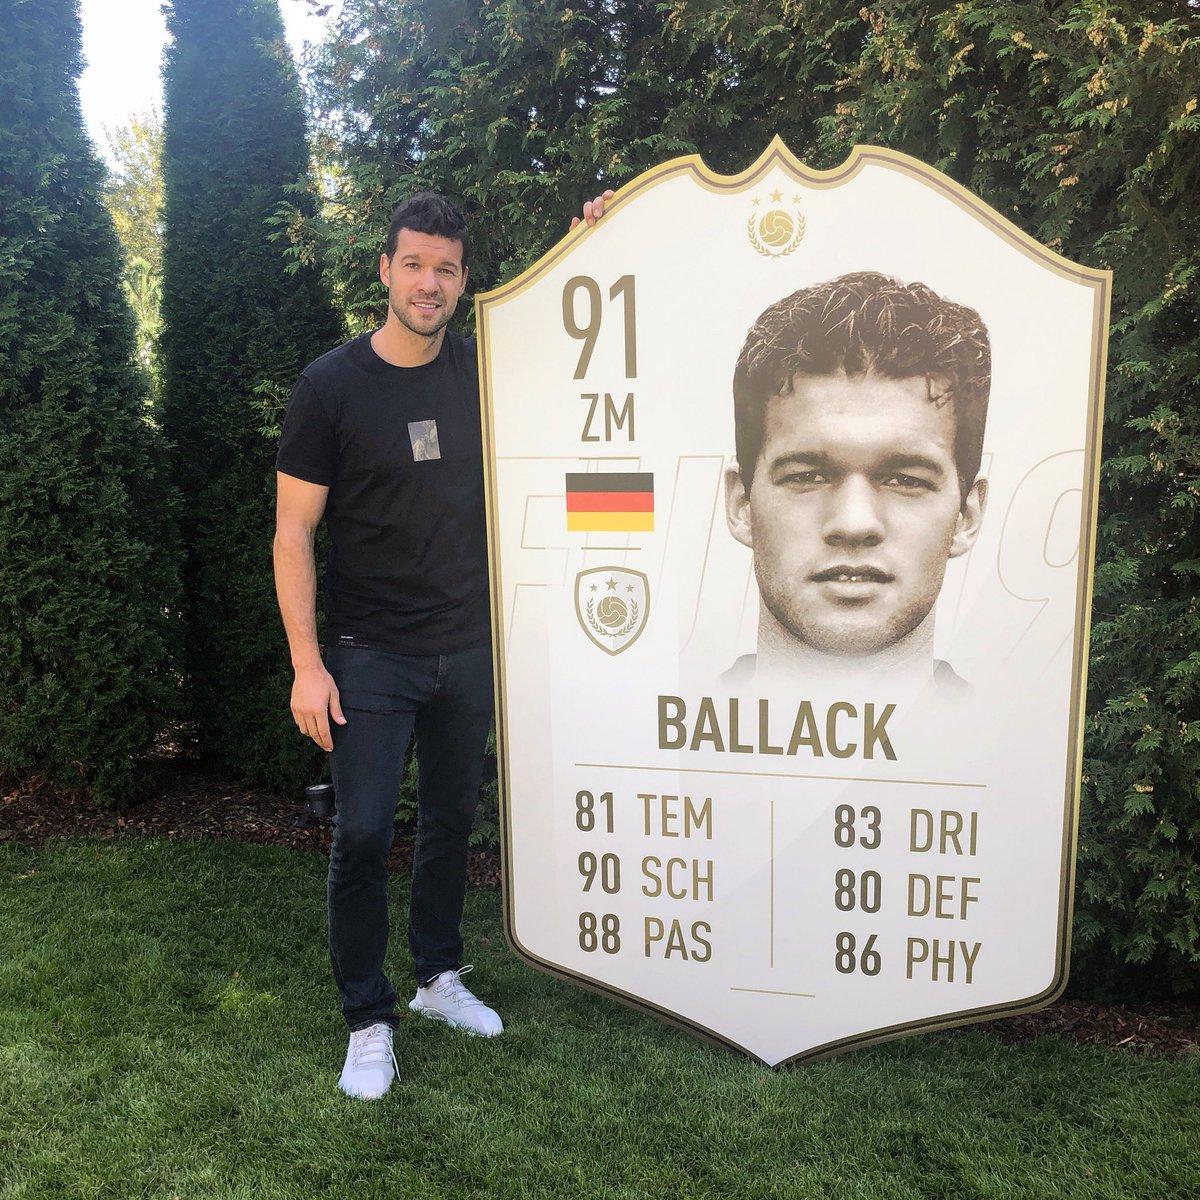 ballack fifa 19